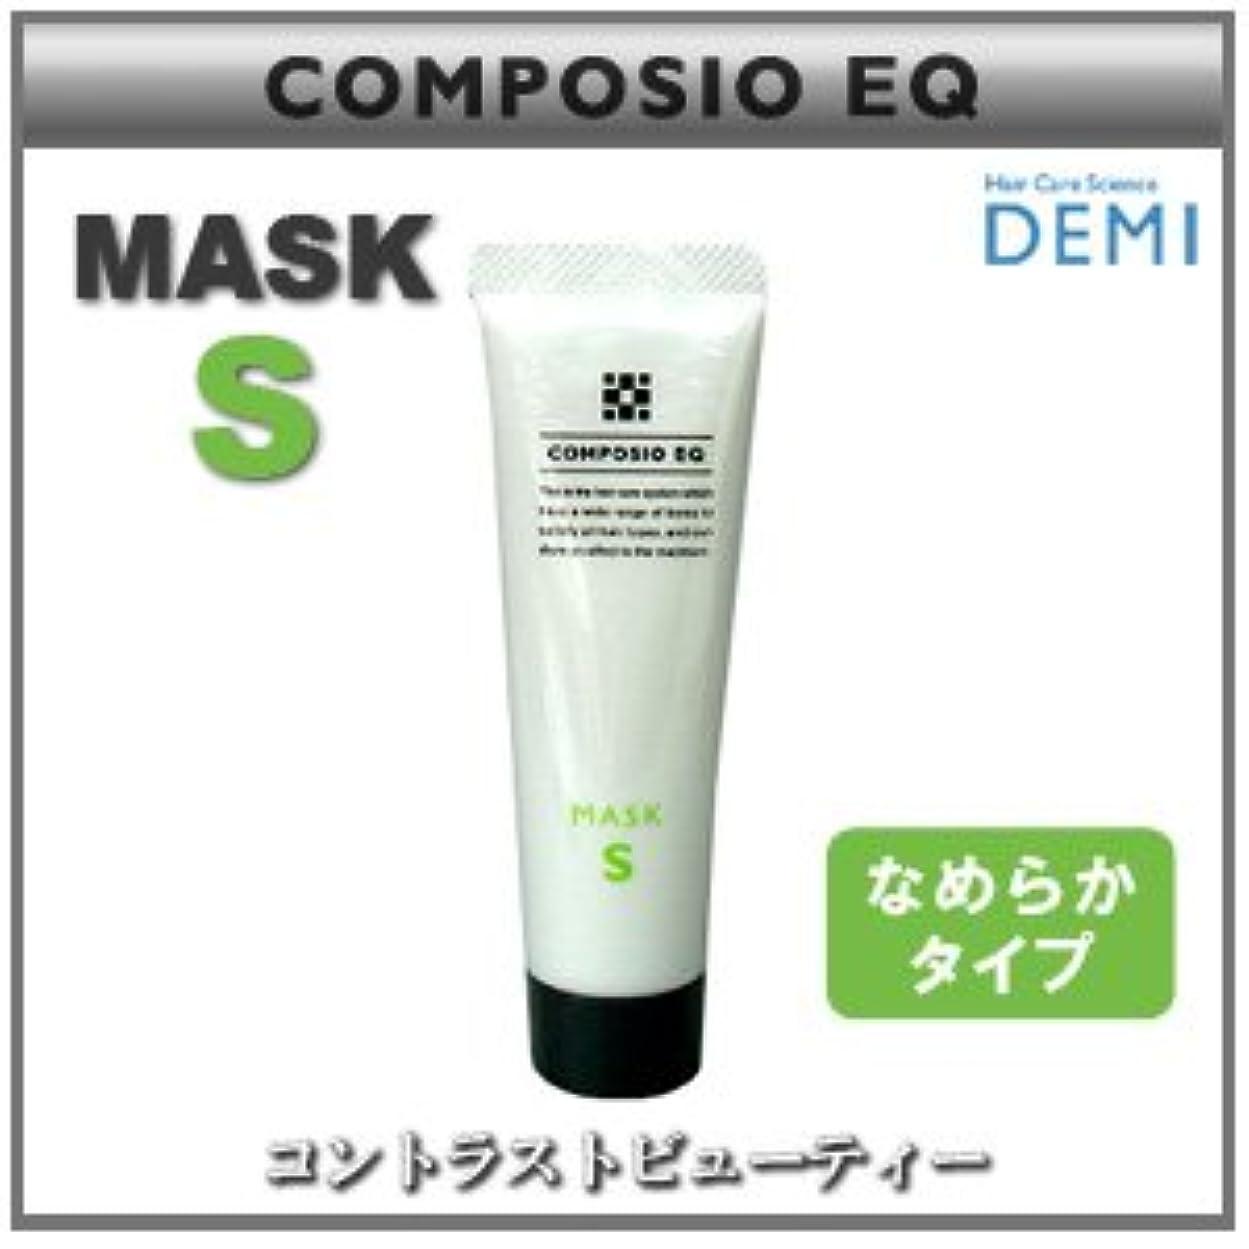 ブロックスパイトリクル【X2個セット】 デミ コンポジオ EQ マスク S 50g